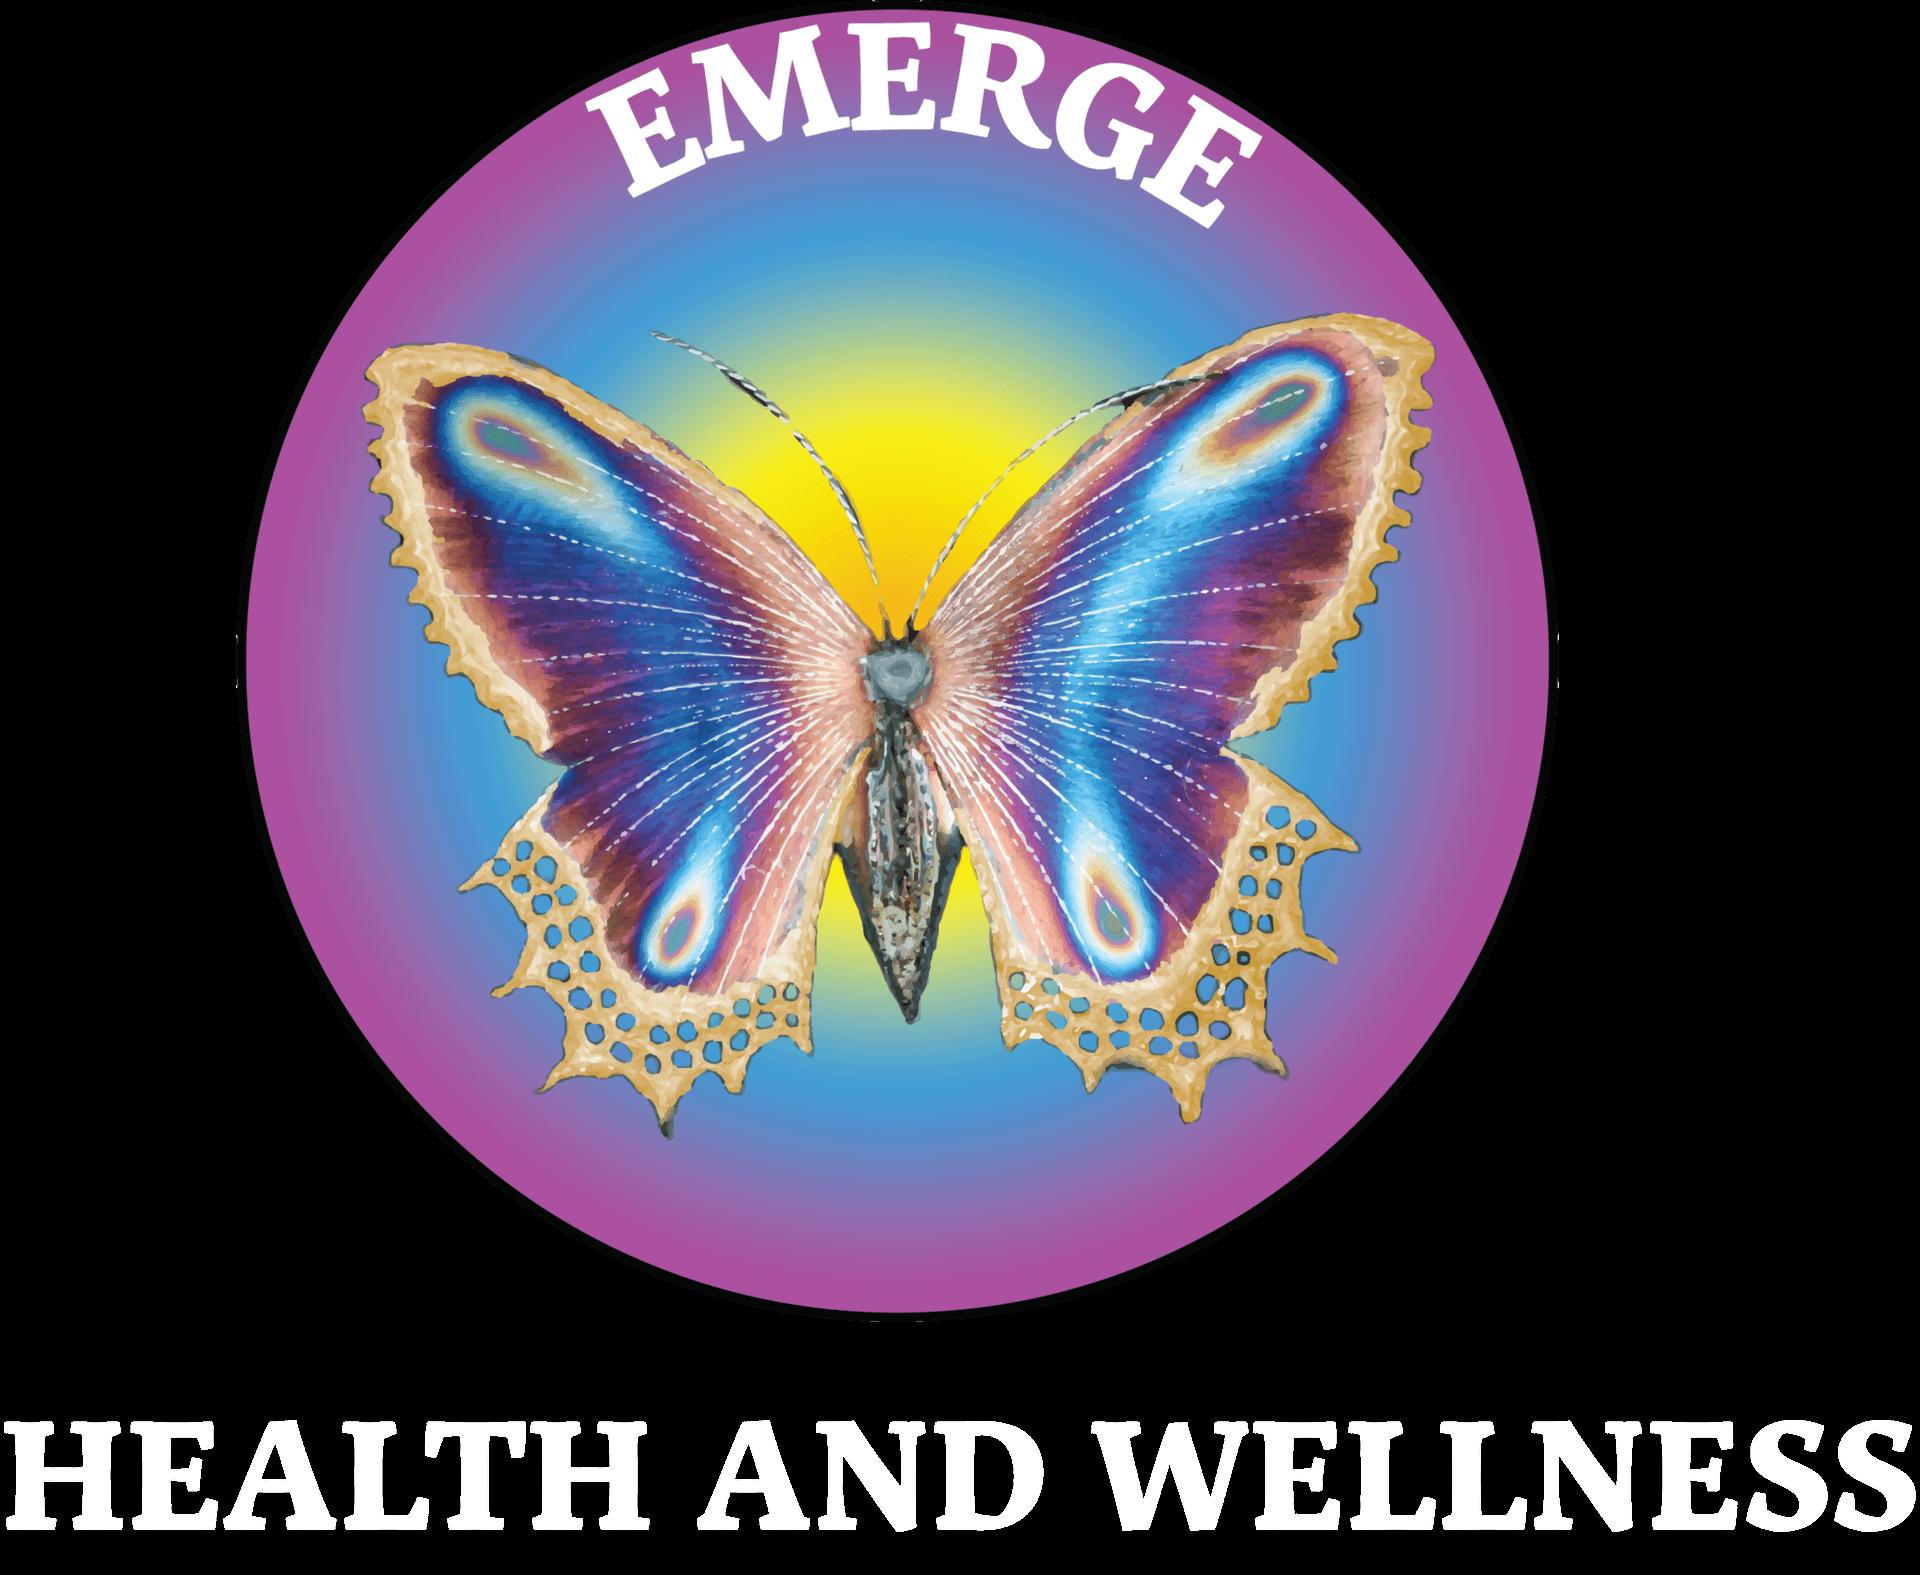 Emerge Health and Wellness